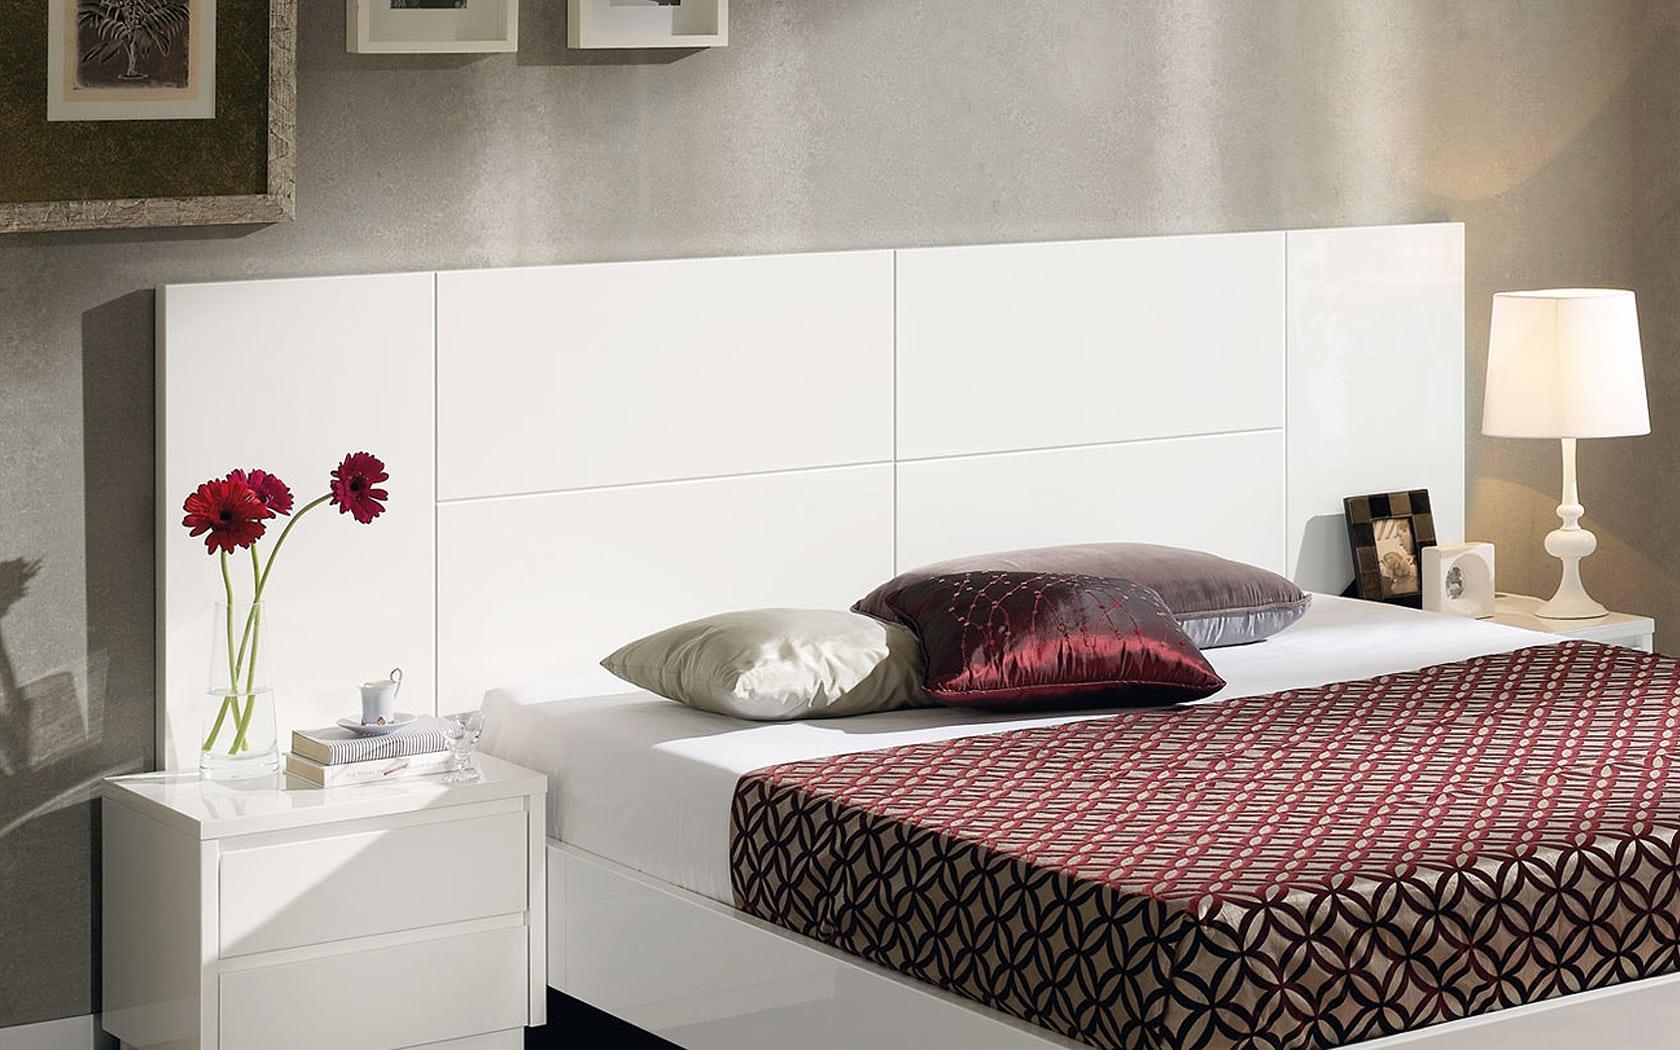 Cabeceros de cama elegantes y originales - Cabecero mesillas integradas ...